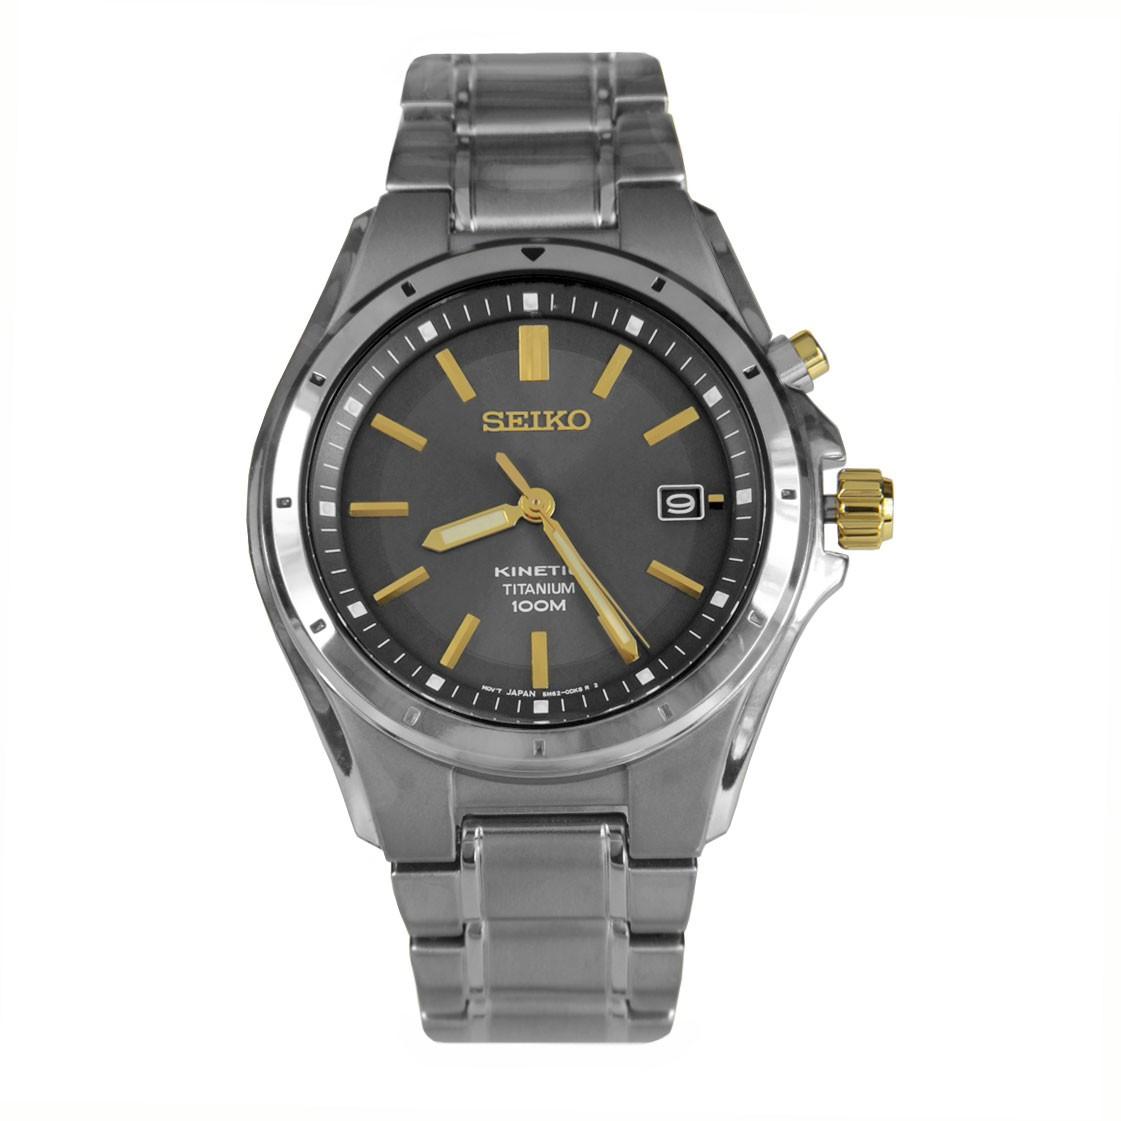 นาฬิกาข้อมือ Seiko Kinetic Titanium Grey Dial Gents Watch SKA495P1